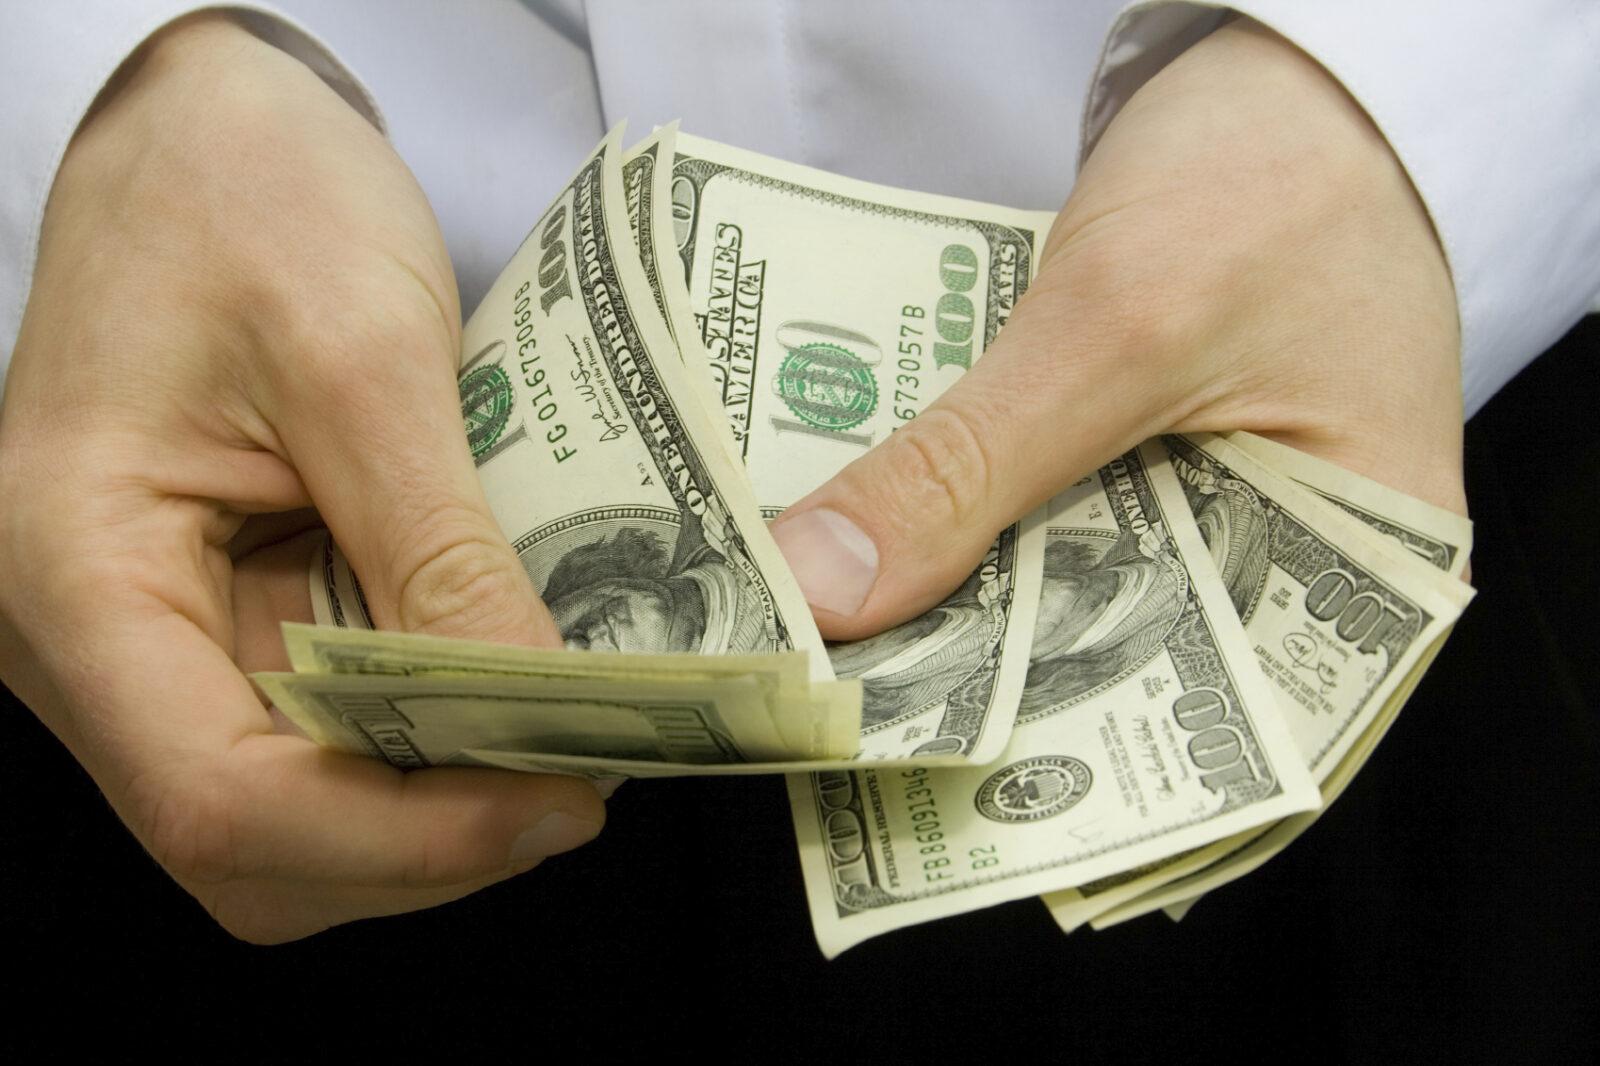 us dollars in hands